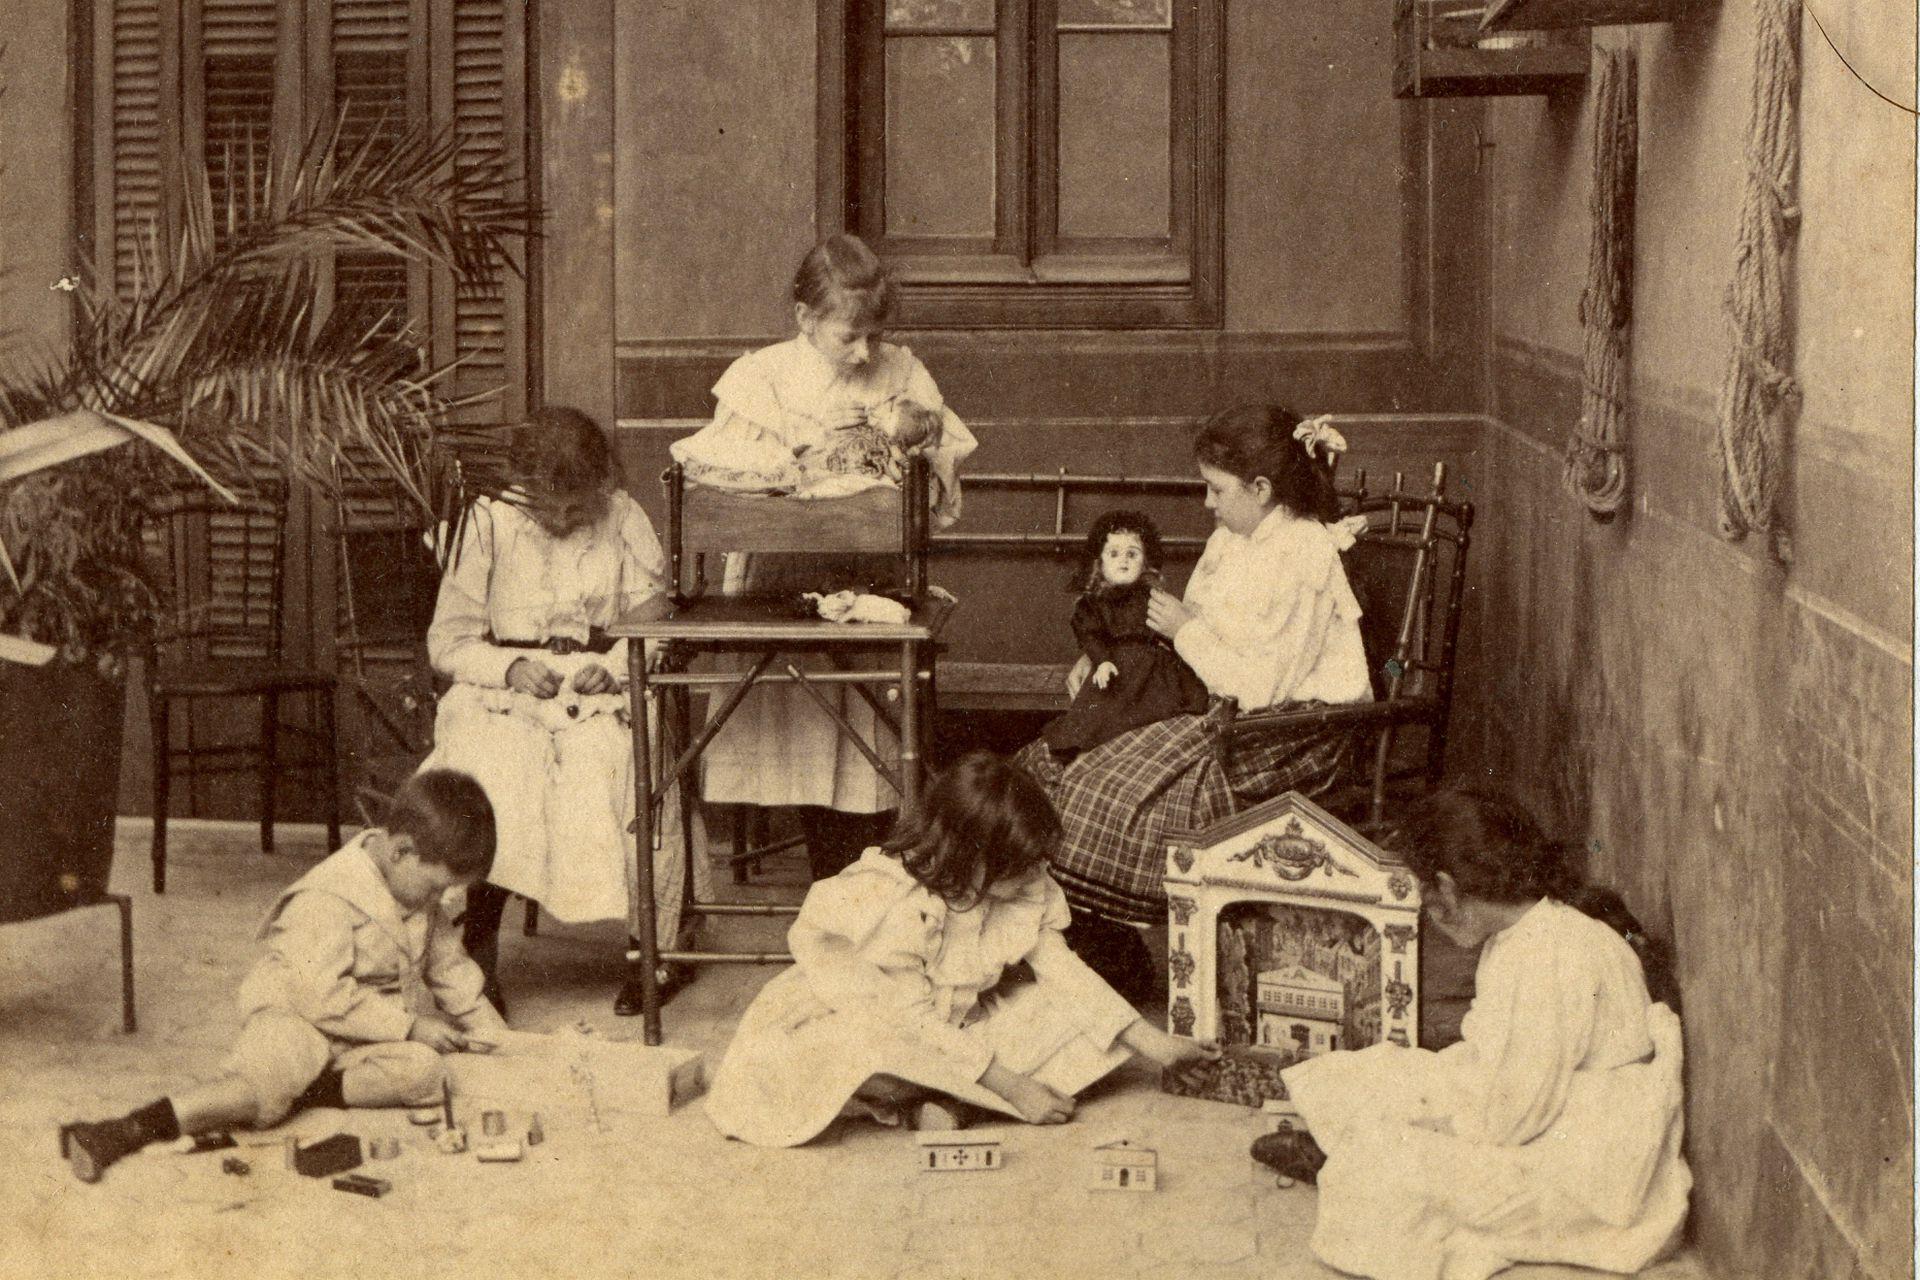 Un juego eterno entre las niñas: las muñecas.